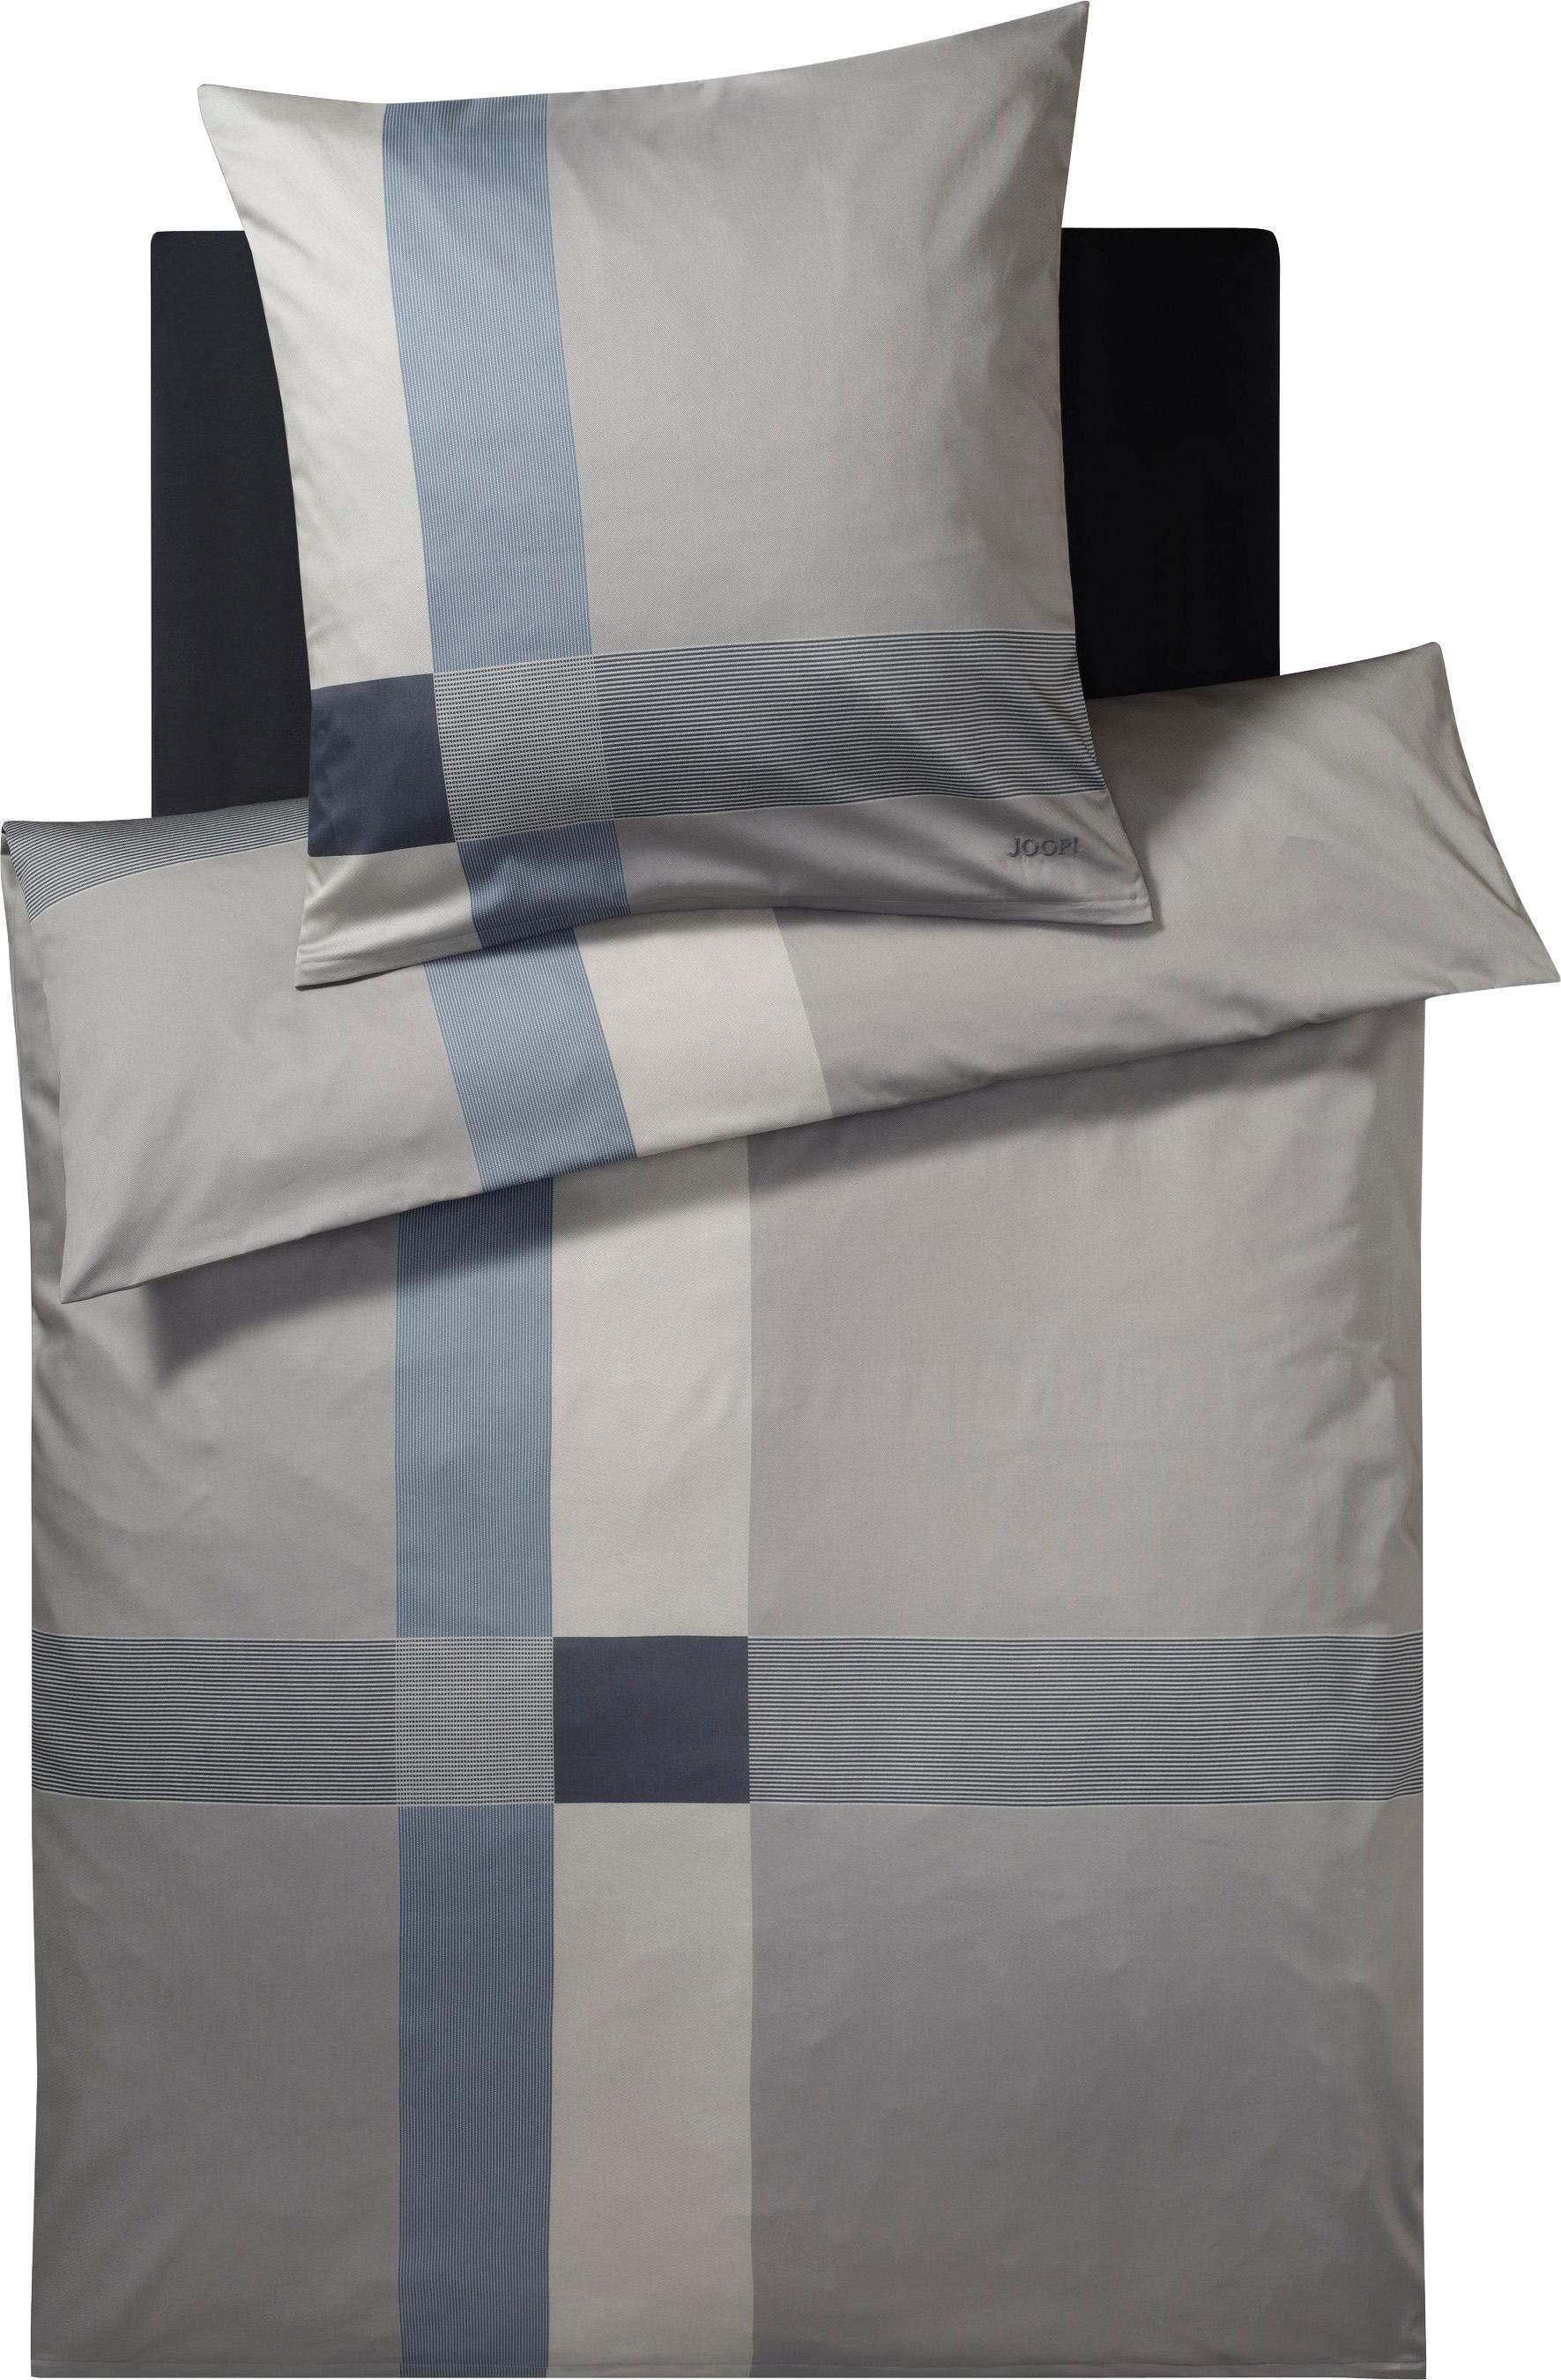 joop bettw sche 135x200 whirlpool im schlafzimmer ideen wanddeko kleines gem tlich einrichten. Black Bedroom Furniture Sets. Home Design Ideas